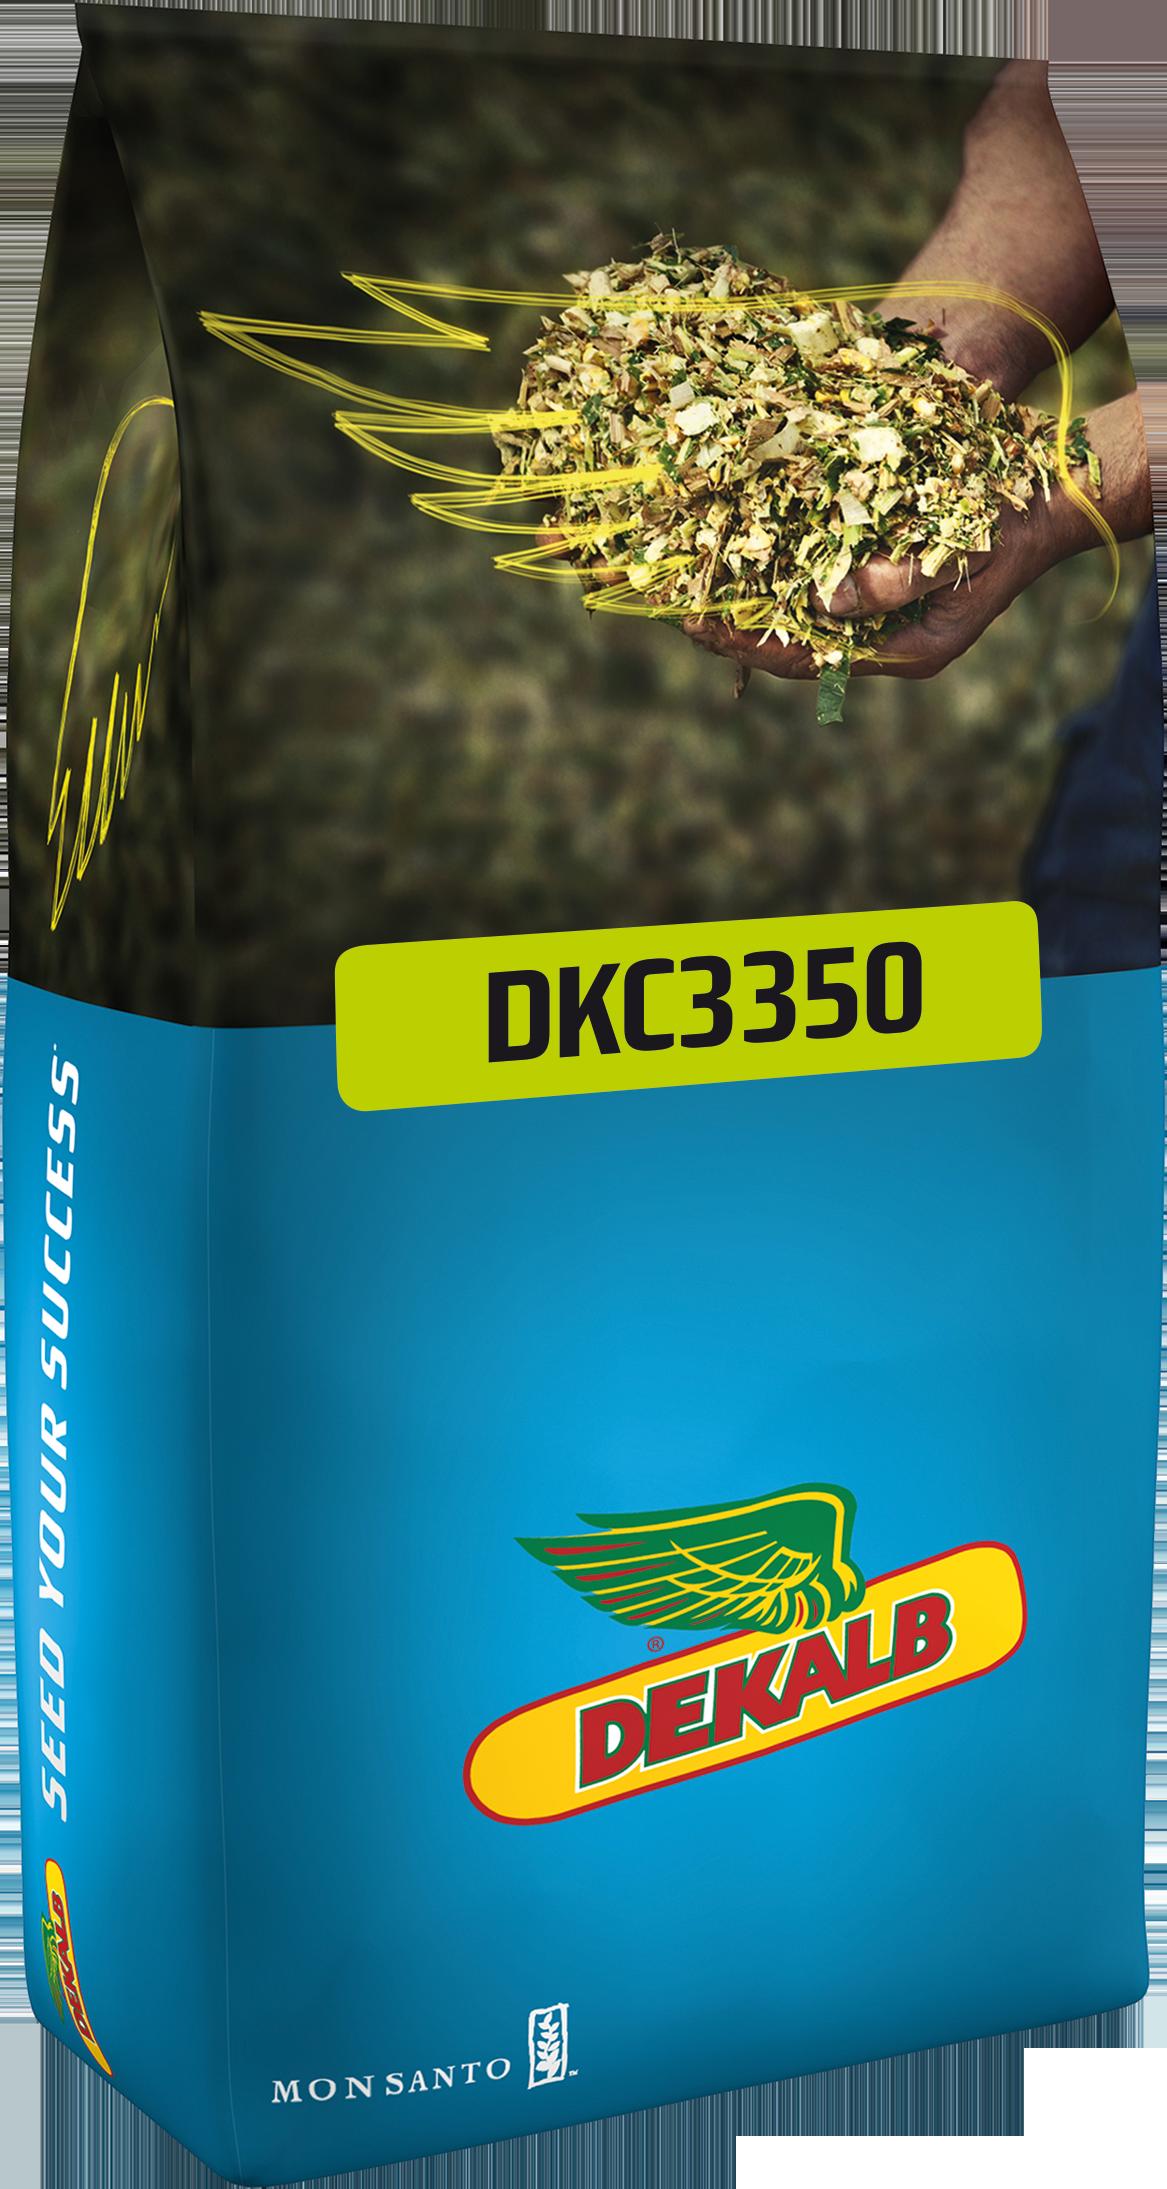 DKC3350